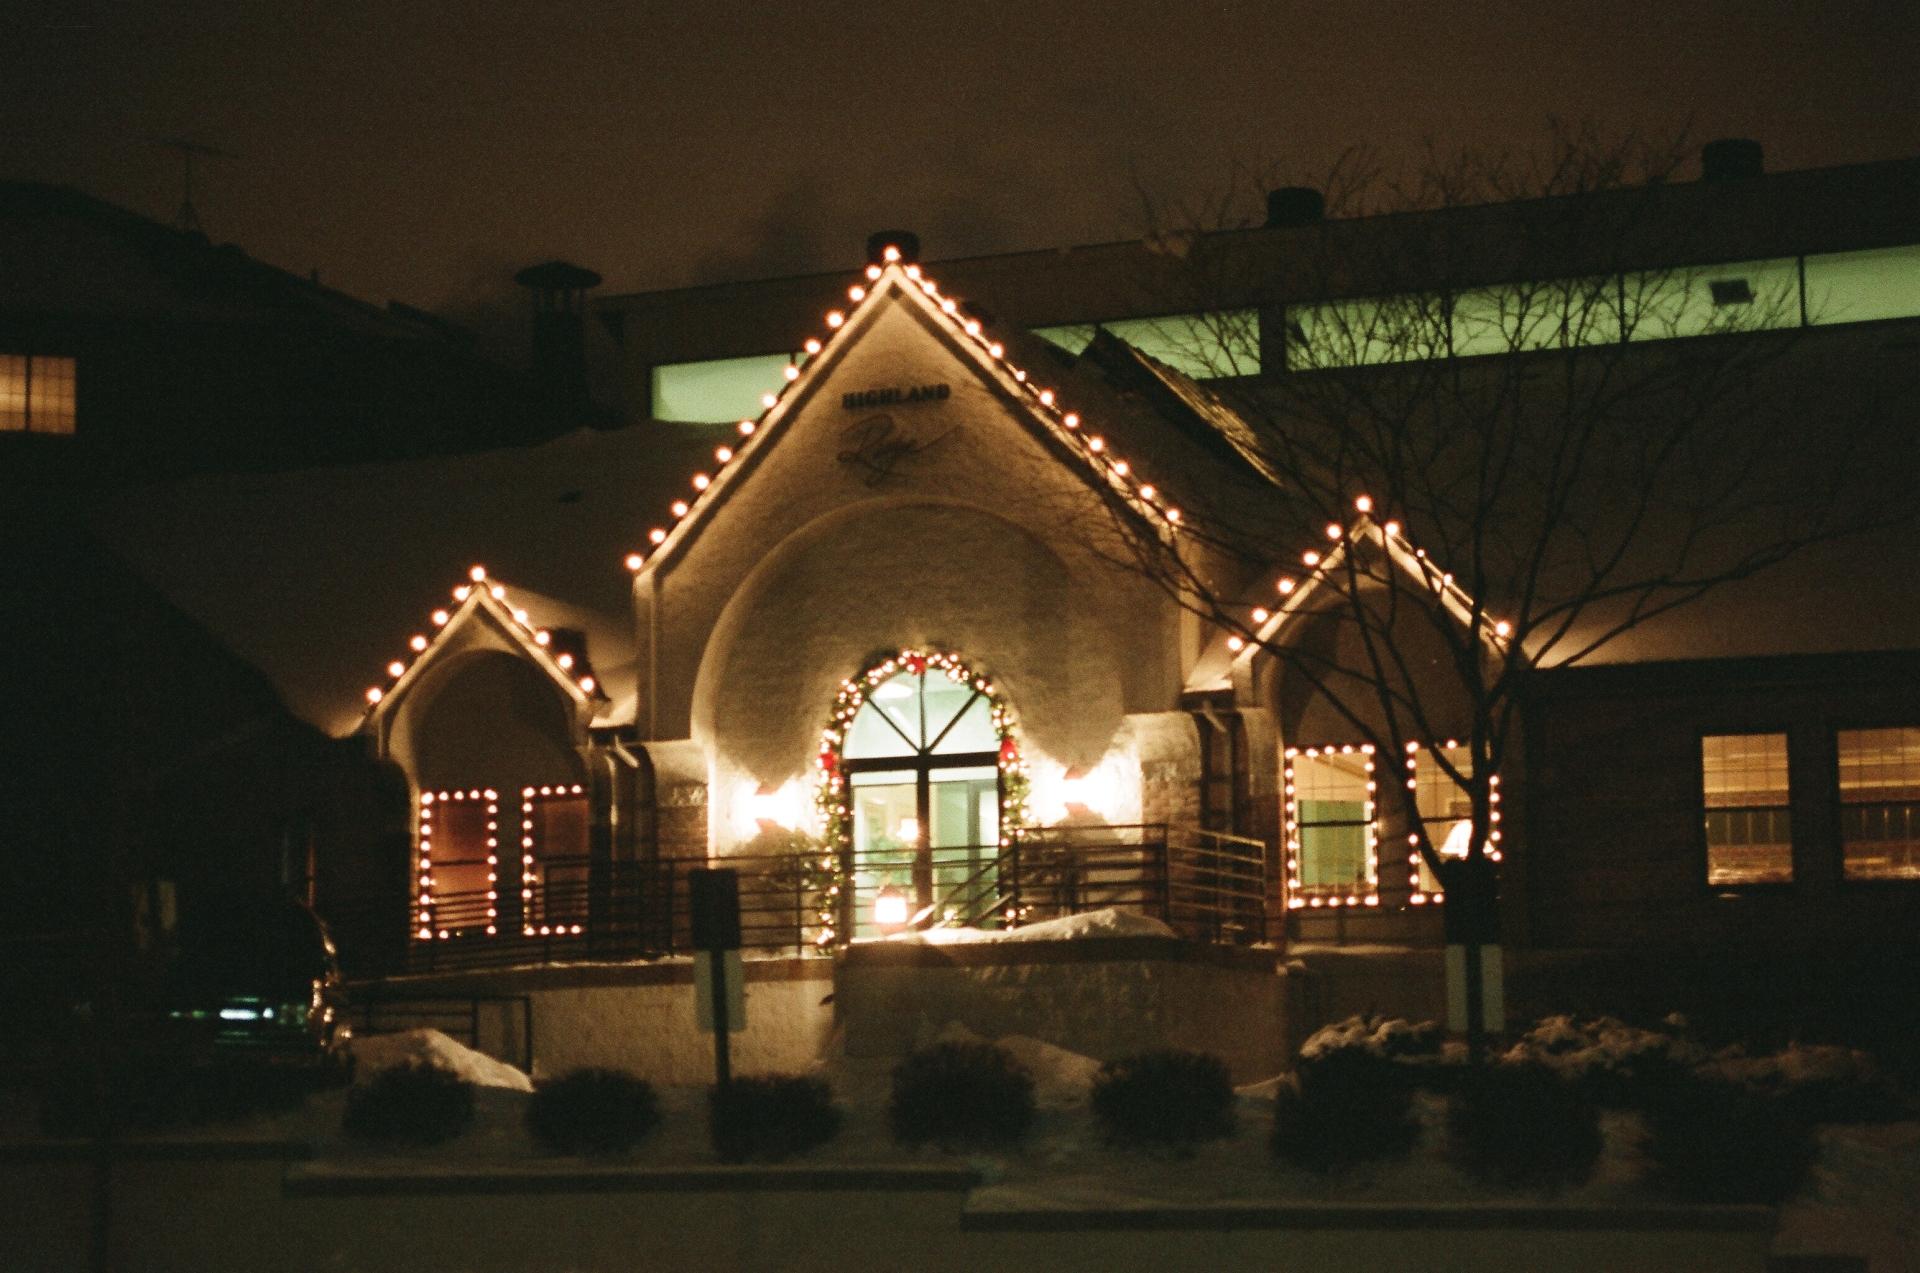 Classic LED holidayy lighting